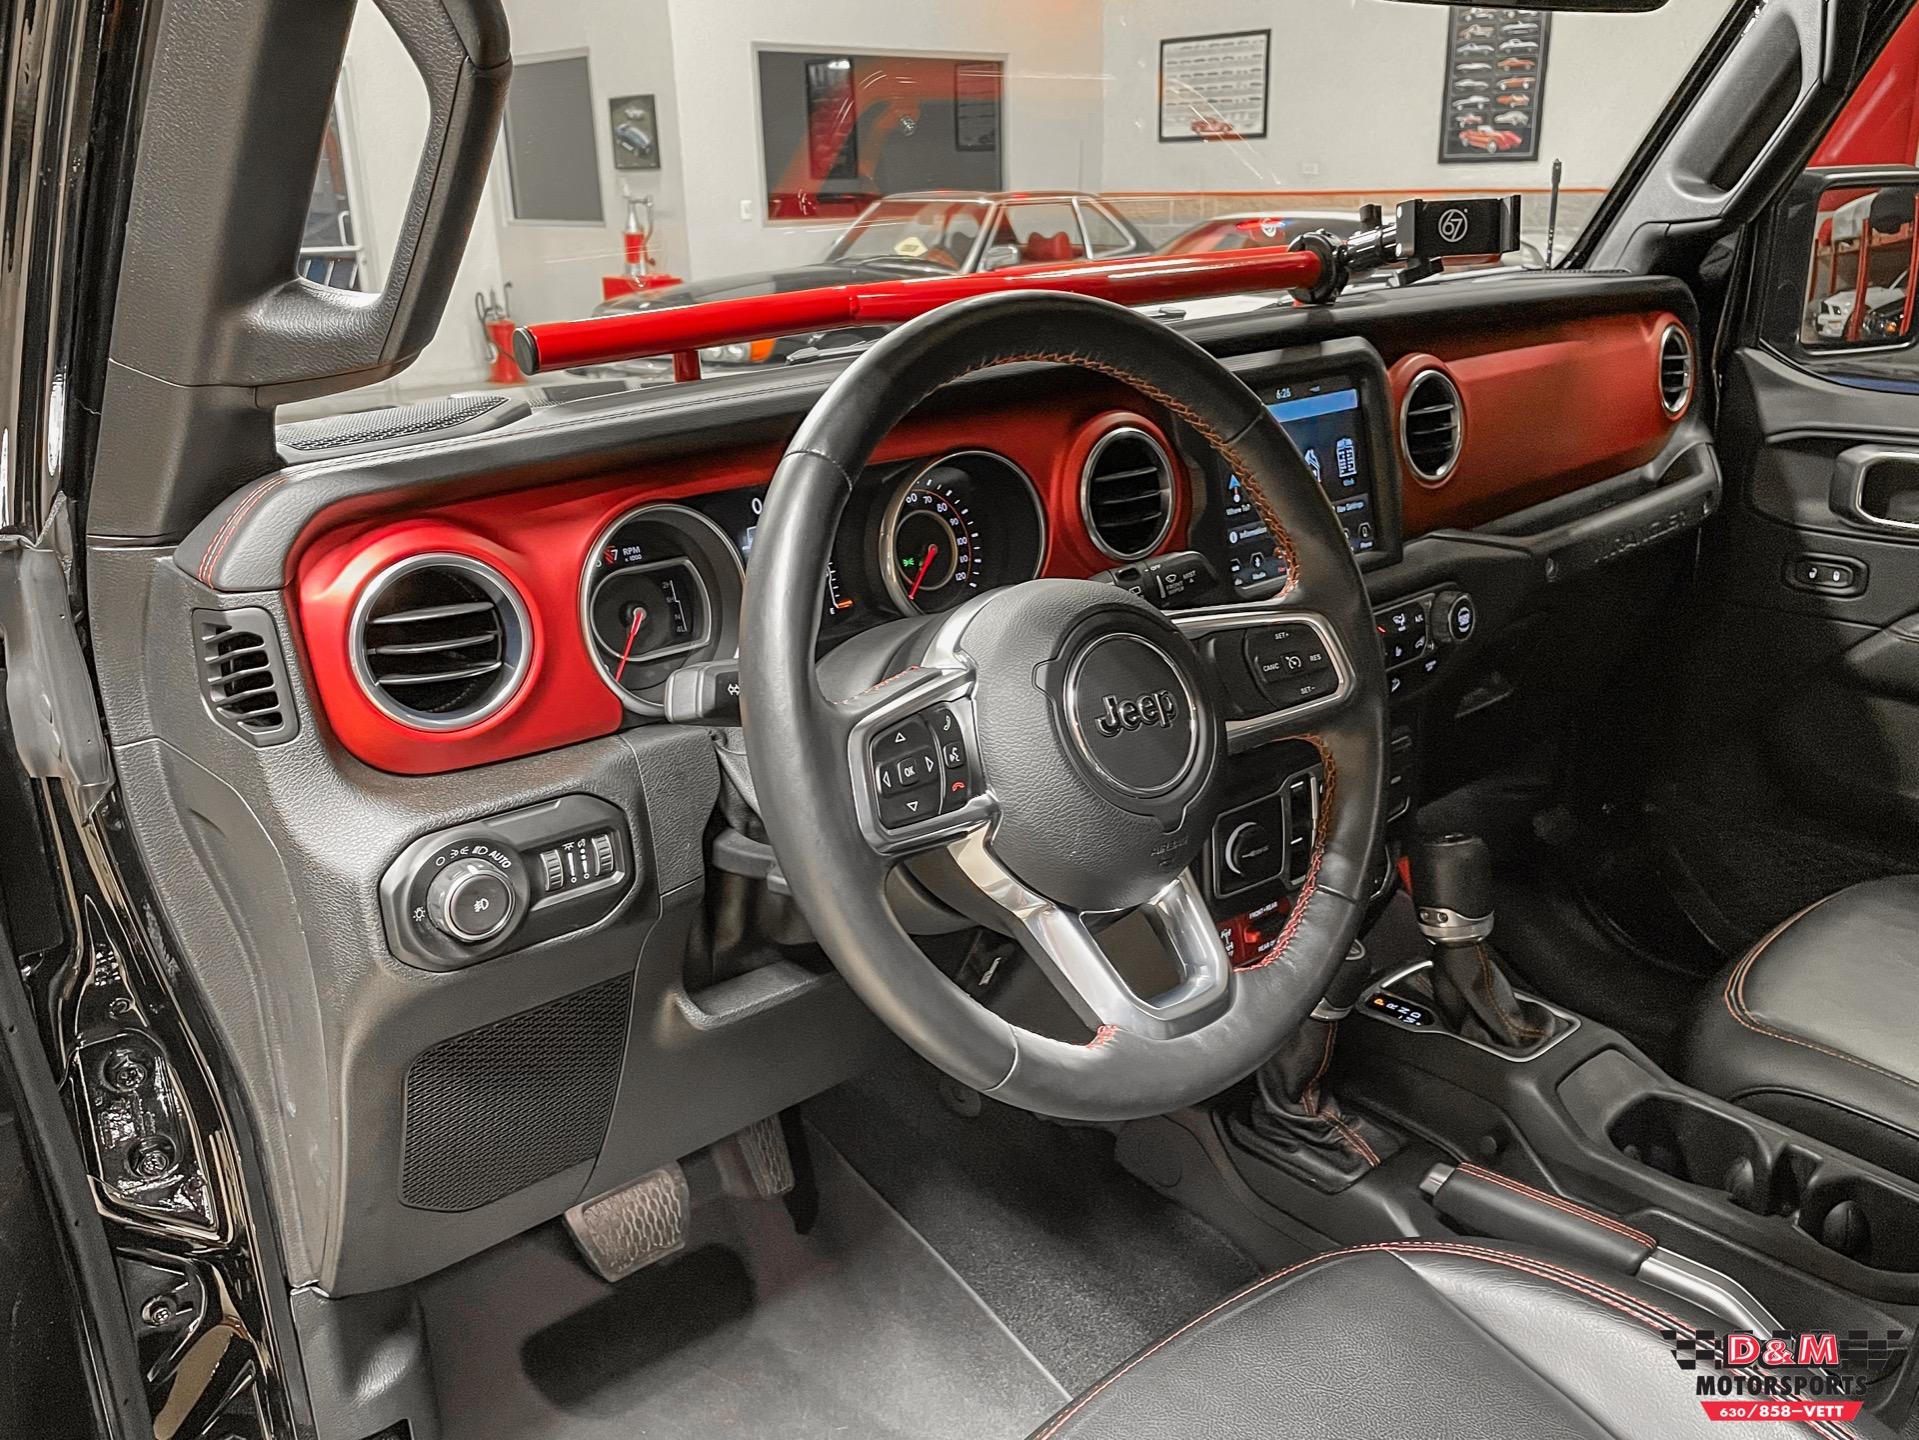 Used 2018 Jeep Wrangler Unlimited Rubicon | Glen Ellyn, IL